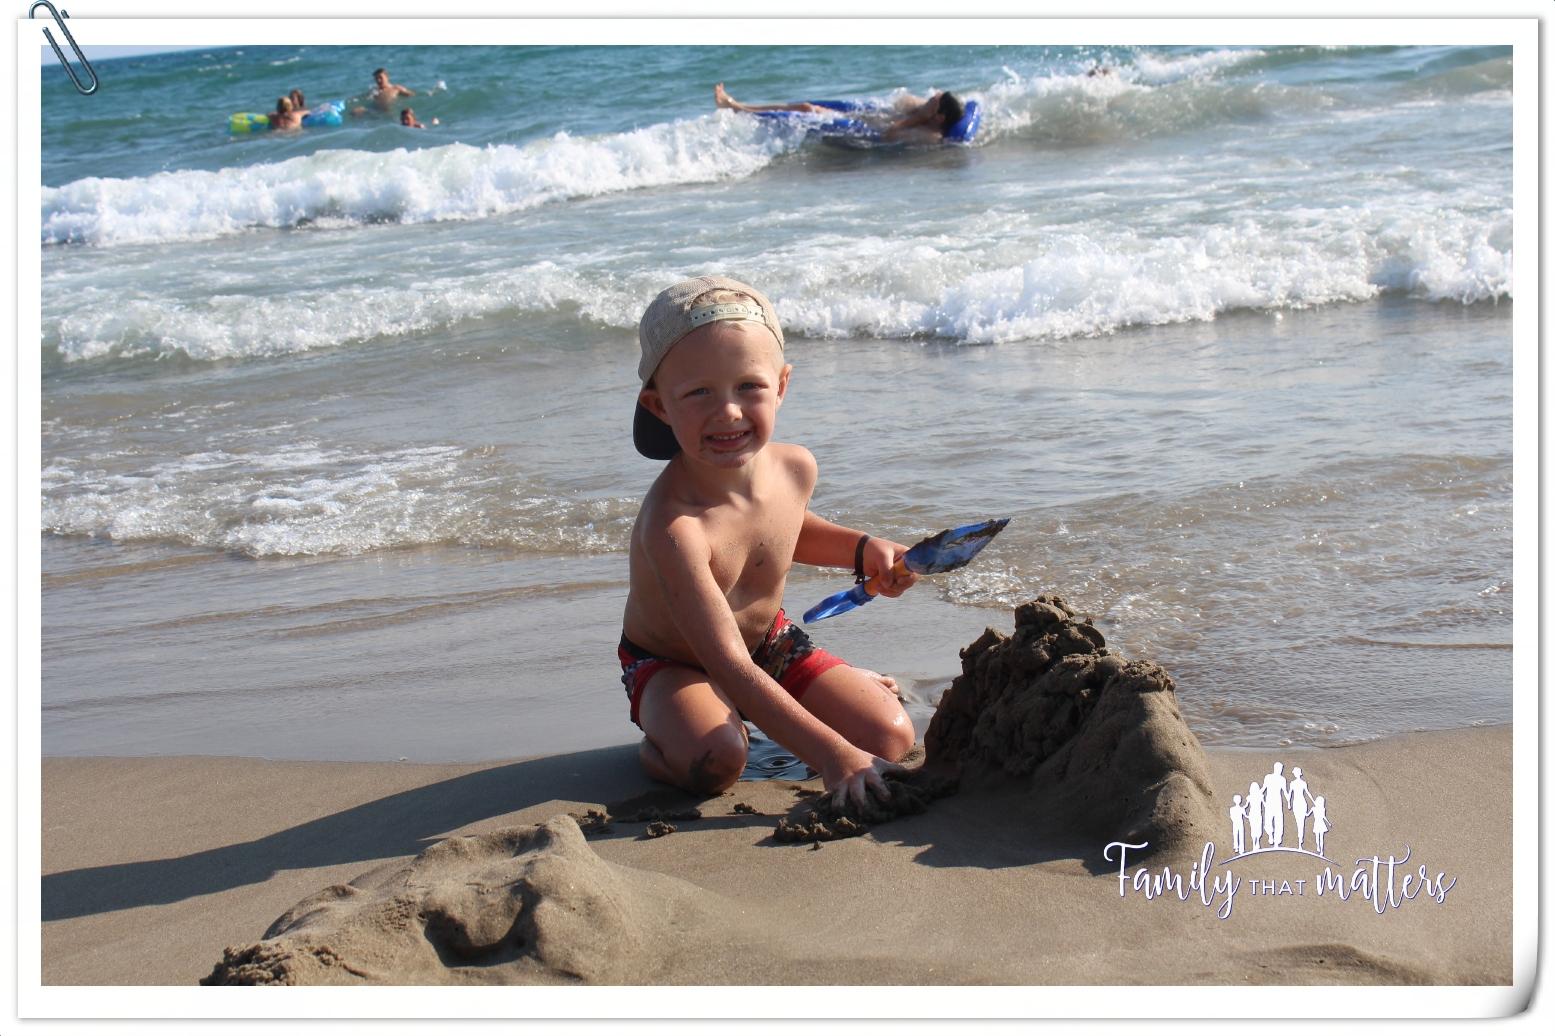 Vacances en famille – un bon moment pour passer en revue la vision et les valeurs familiales.